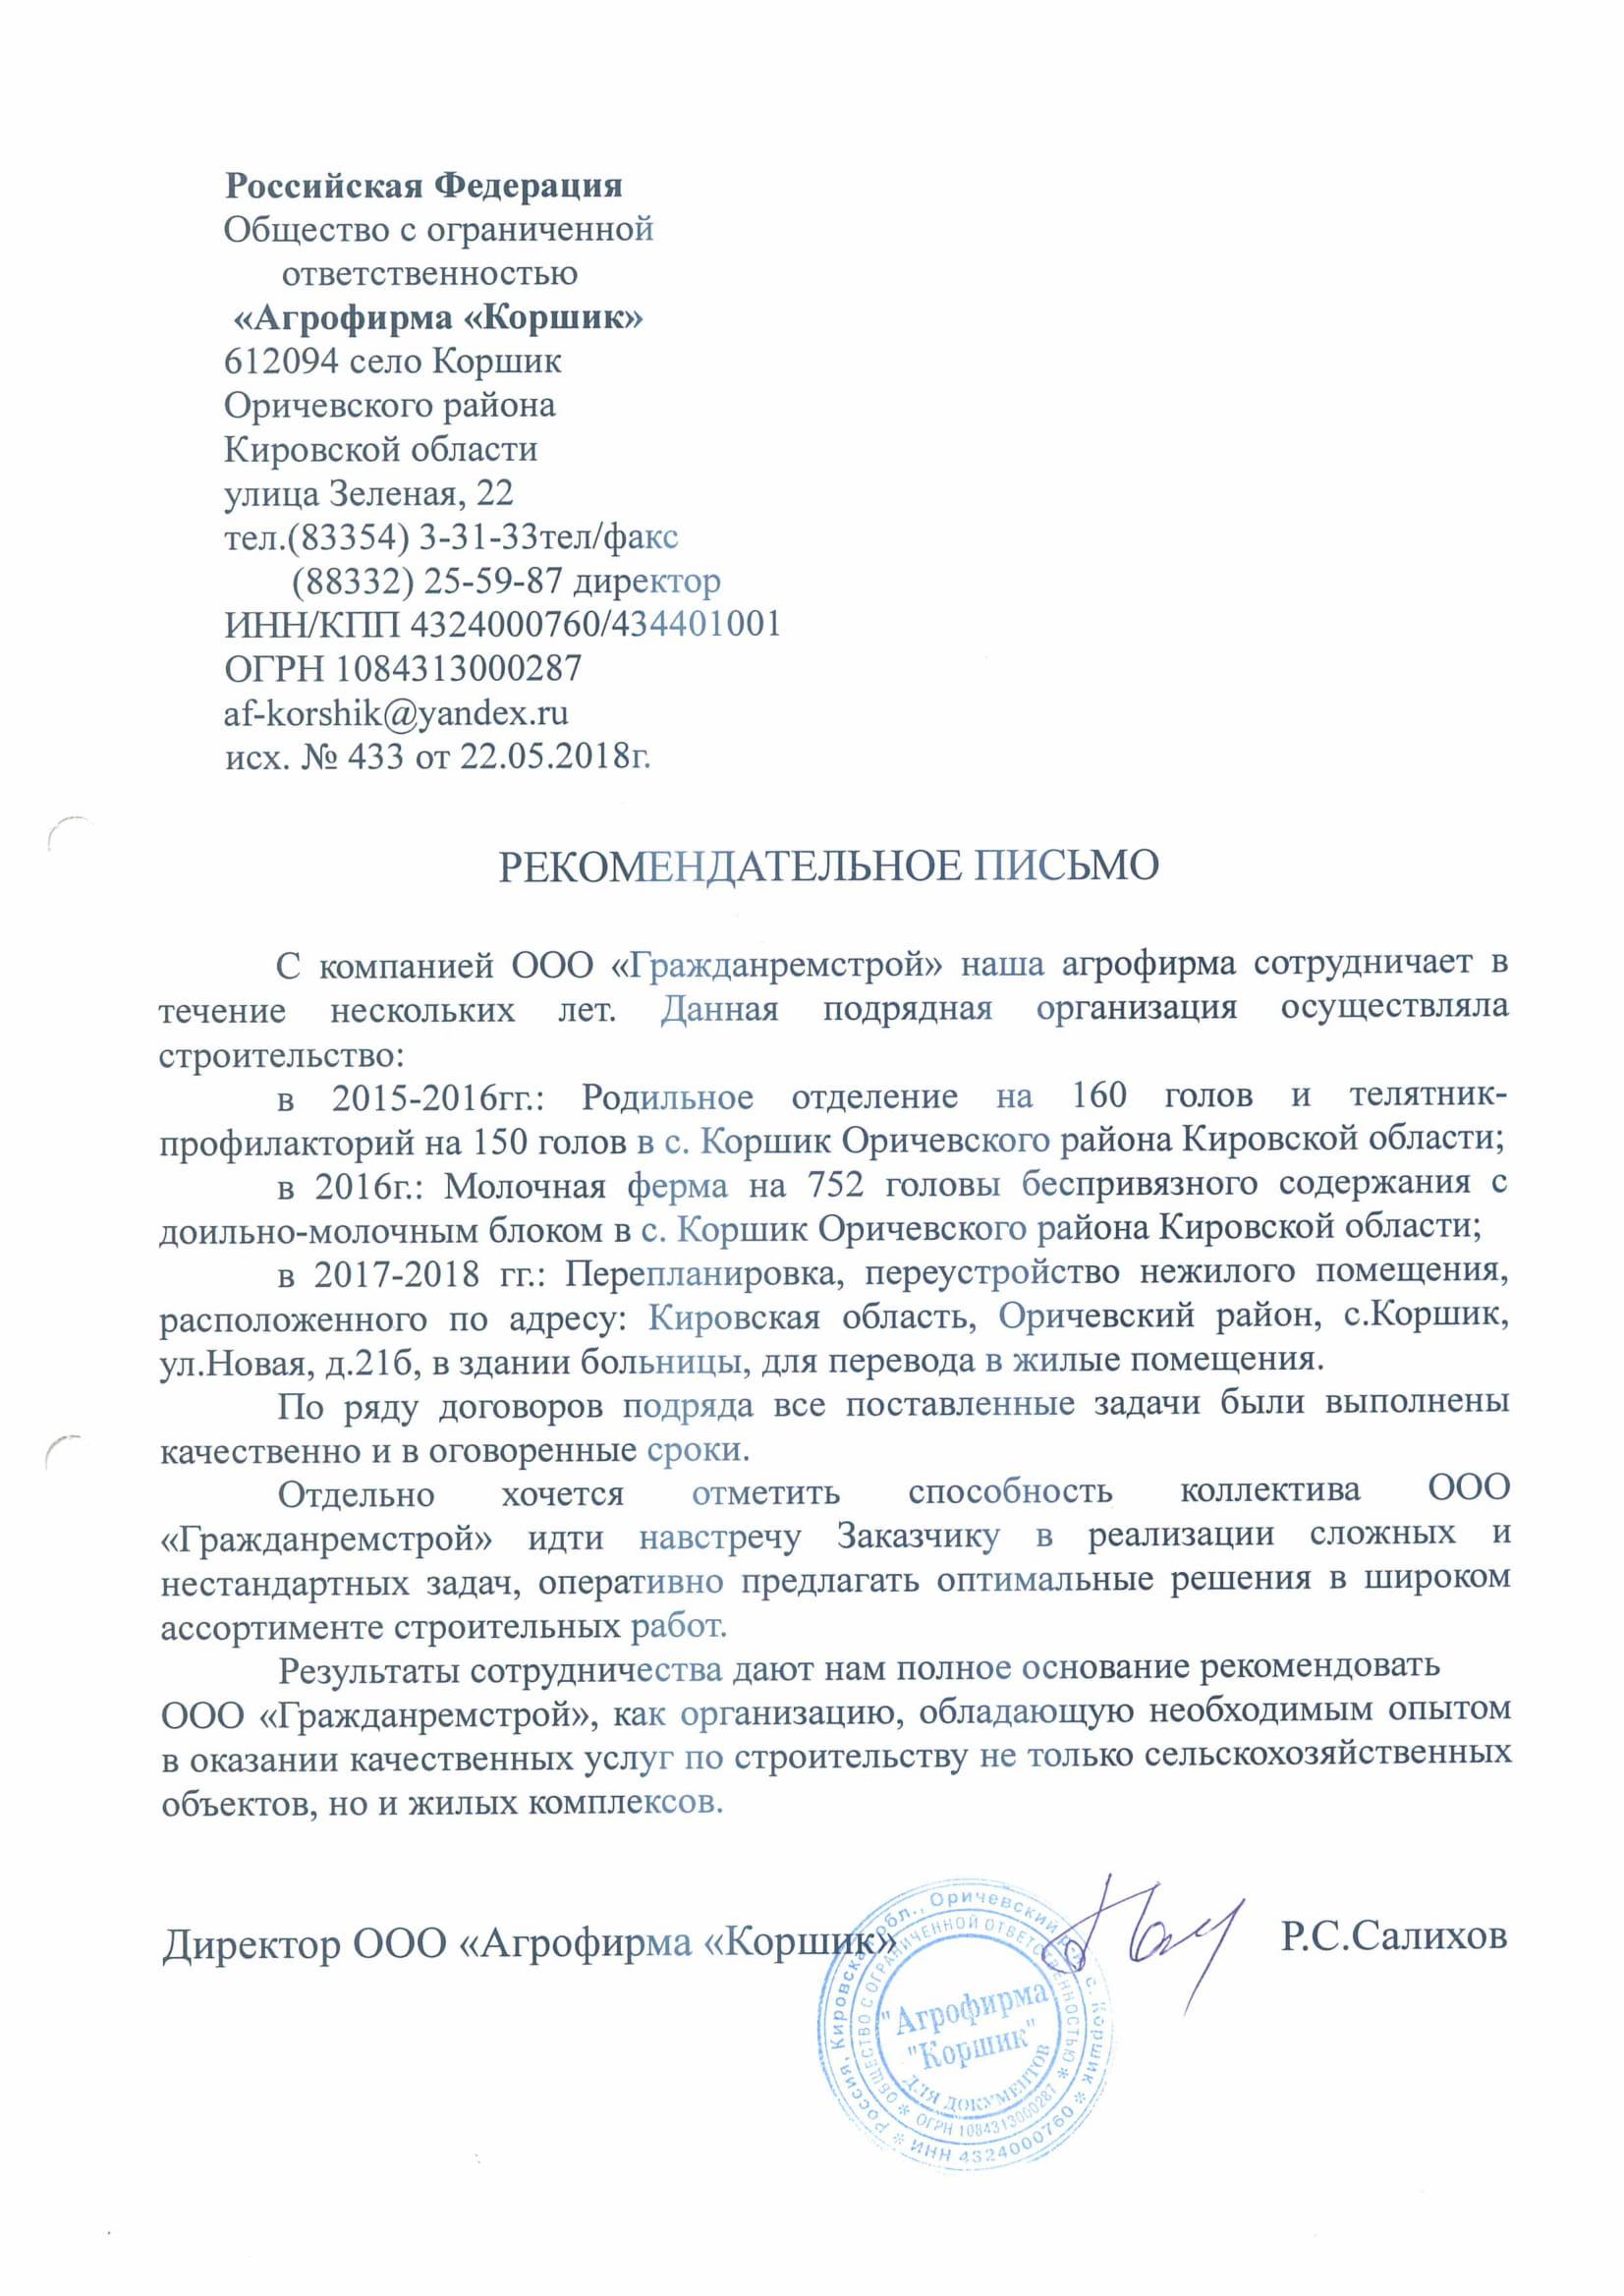 ООО Агрофирма Коршик, рекомендательное письмо